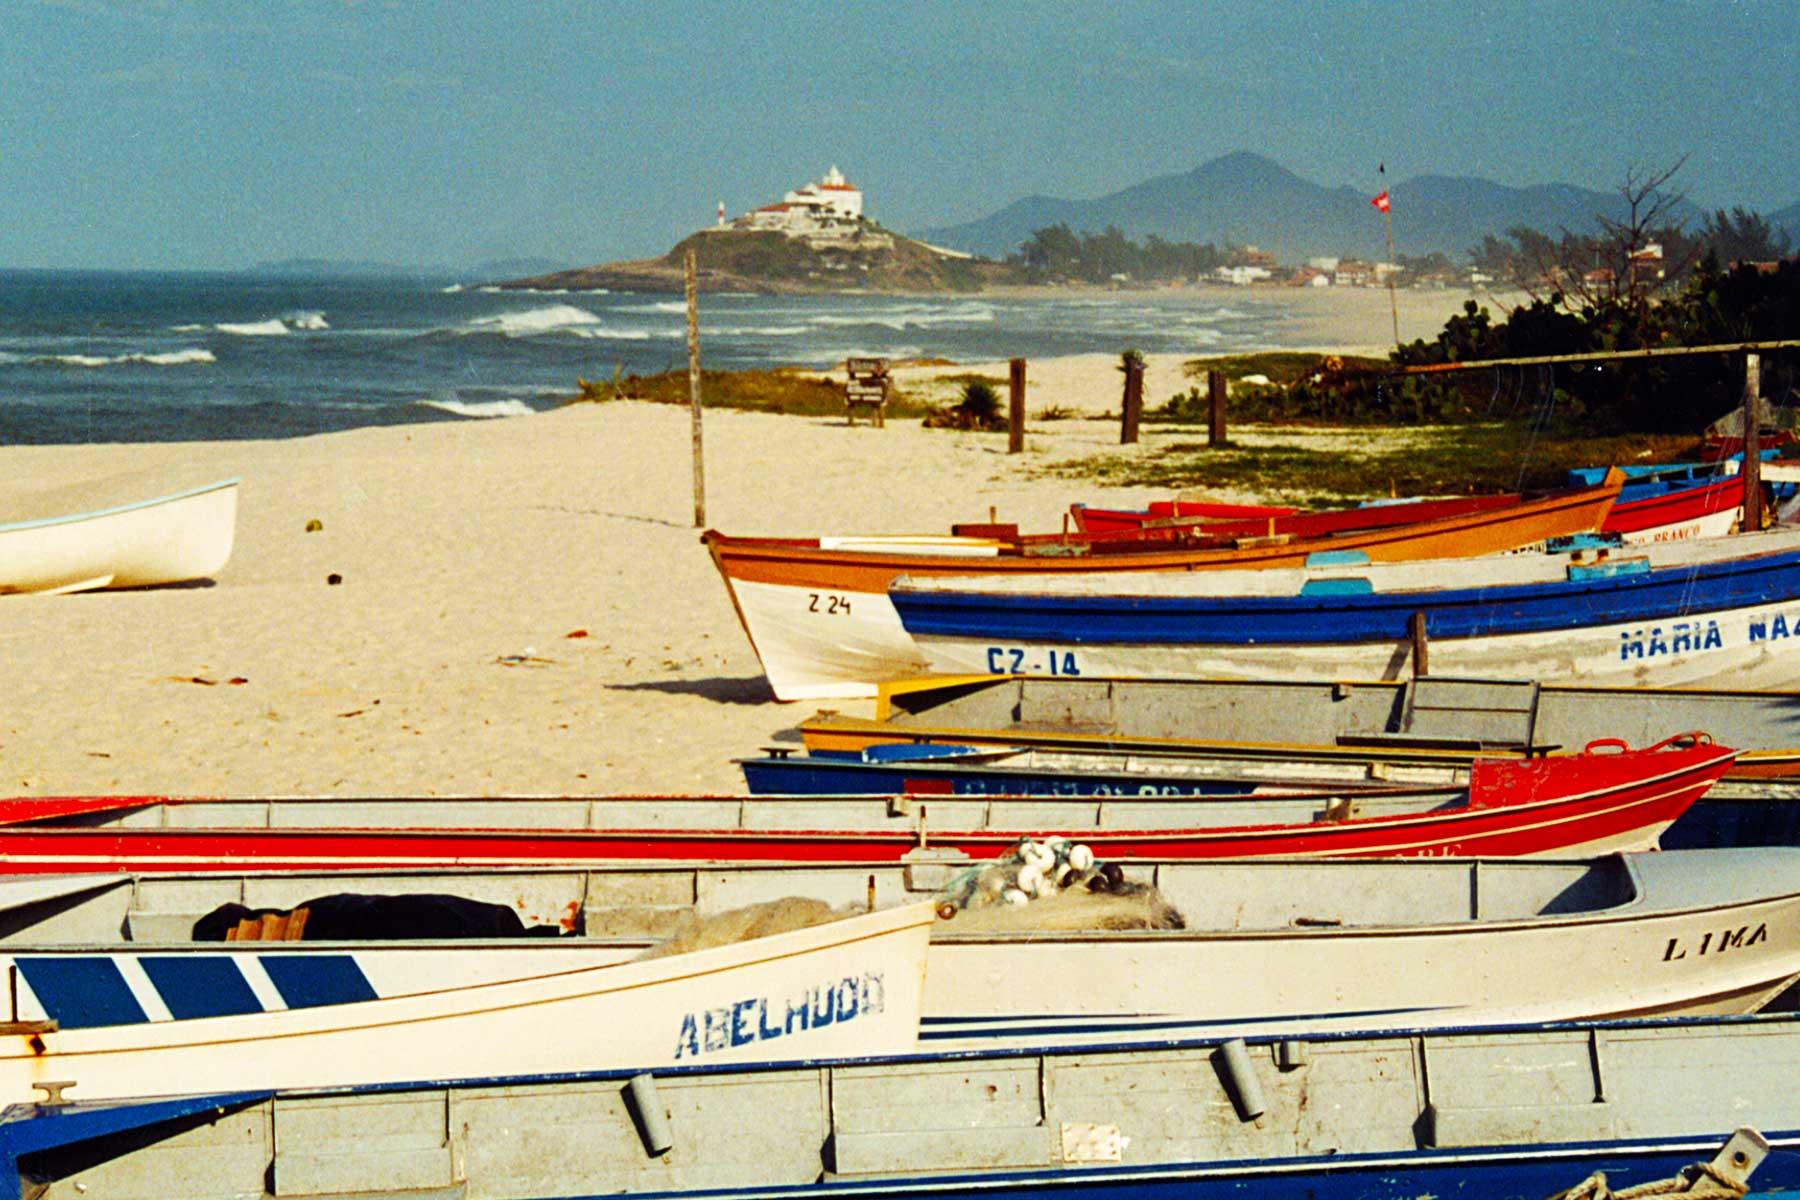 Brazil   Saquarema   Surfing   Steven Andrew Martin   South America   Travel Journal   Dr Steven Martin